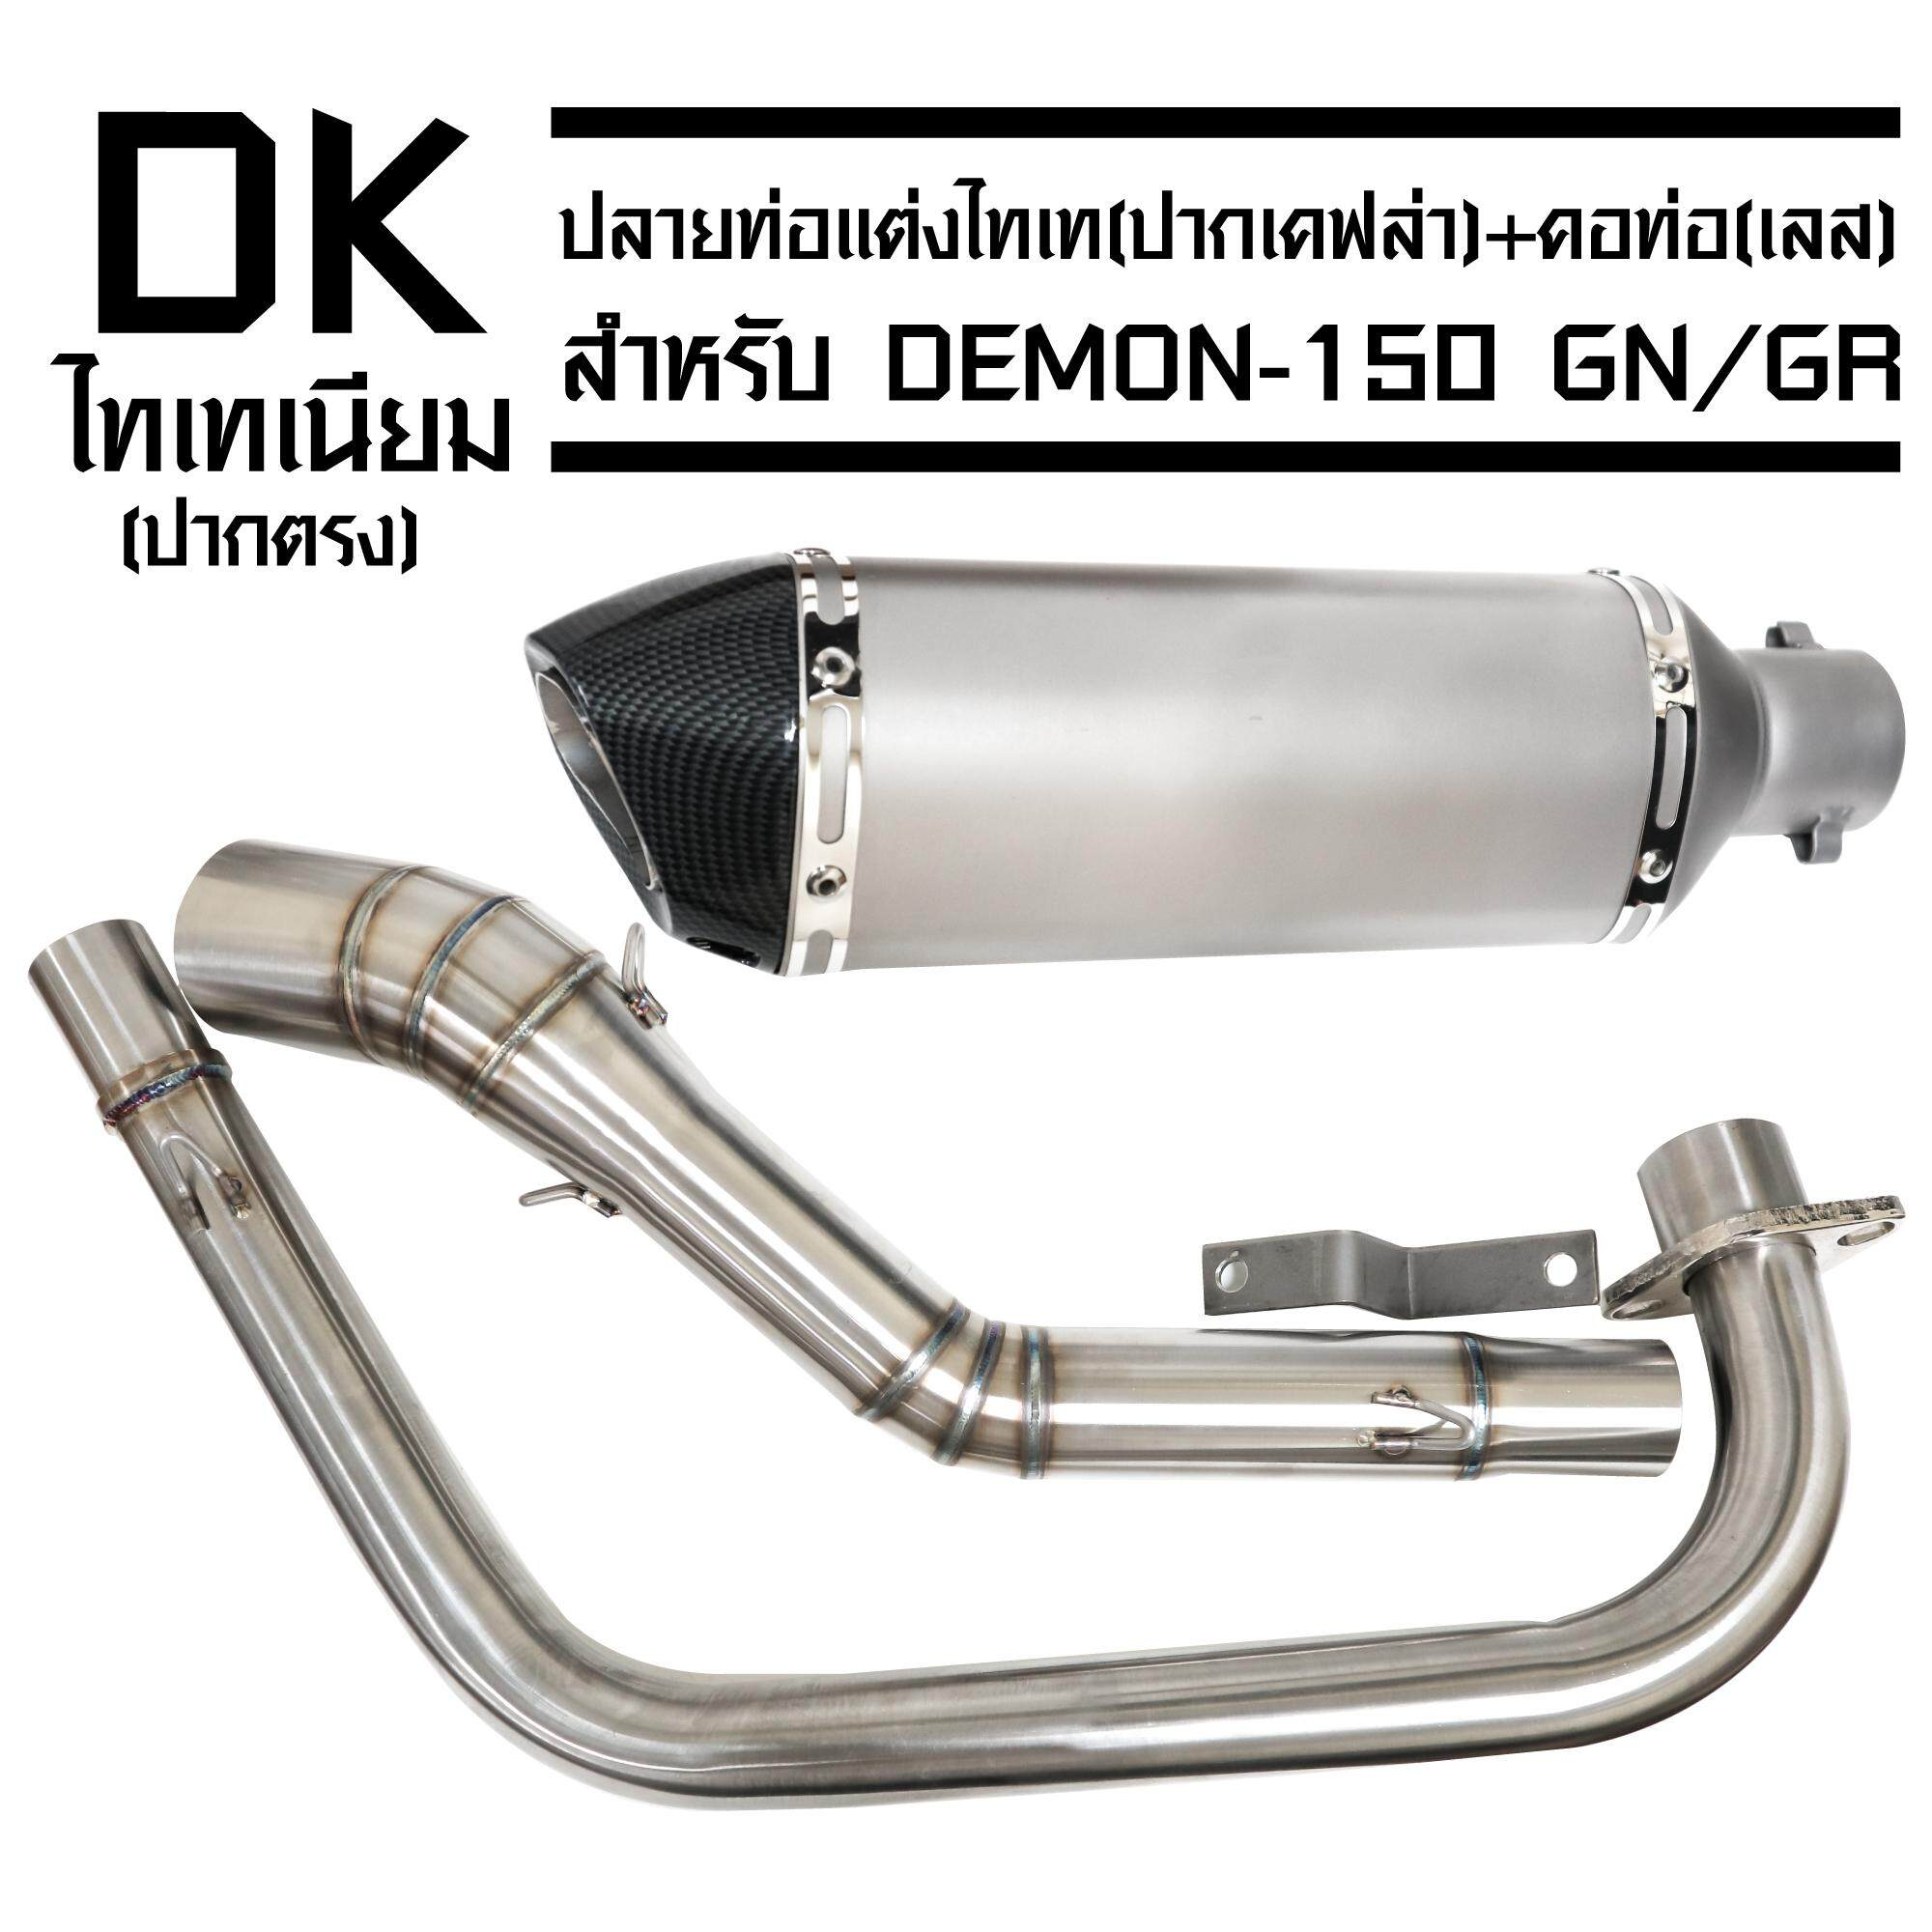 (คุ้มที่สุด/ถูกที่สุด) ปลายท่อแต่ง ไทเท+ปากเคฟล่า (ปากตรง) 14นิ้ว + คอท่อฟลู (เลสแท้อย่างดี) สำหรับ Demon-150 Gn/gr (คอลาย//ไม่บอม).